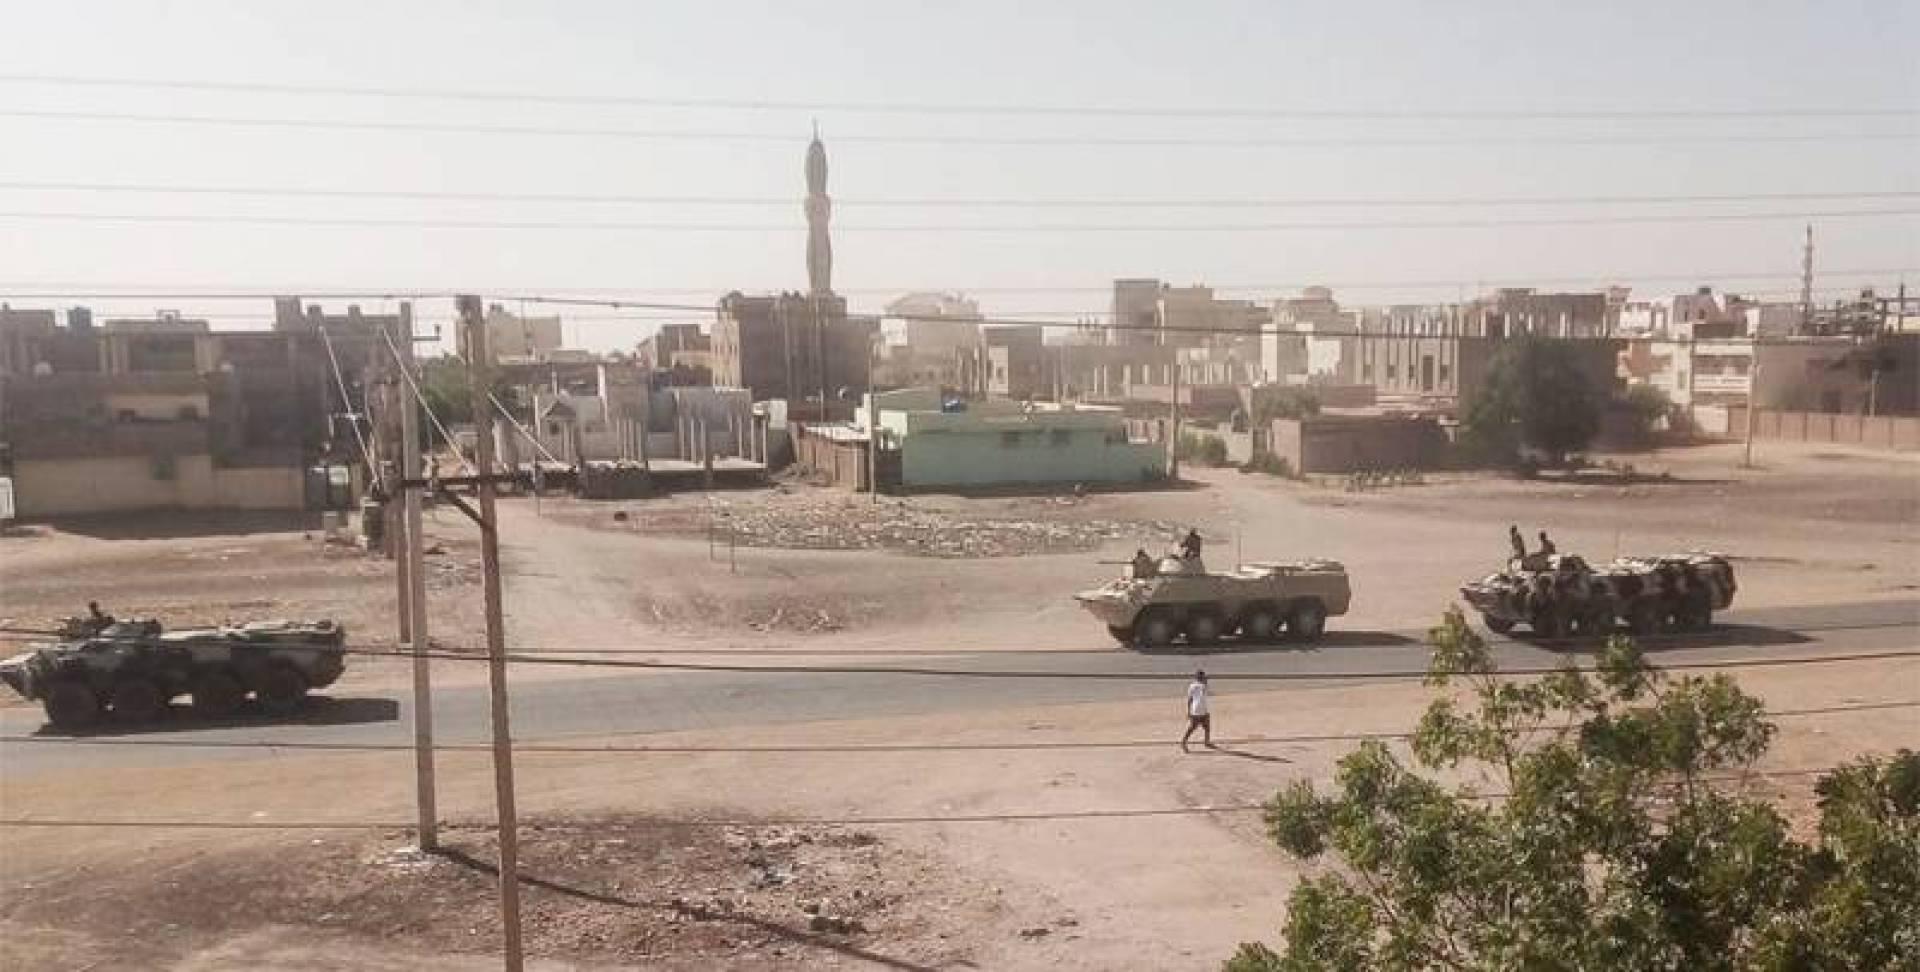 السودان: اشتباكات بين الجيش وعناصر بالمخابرات